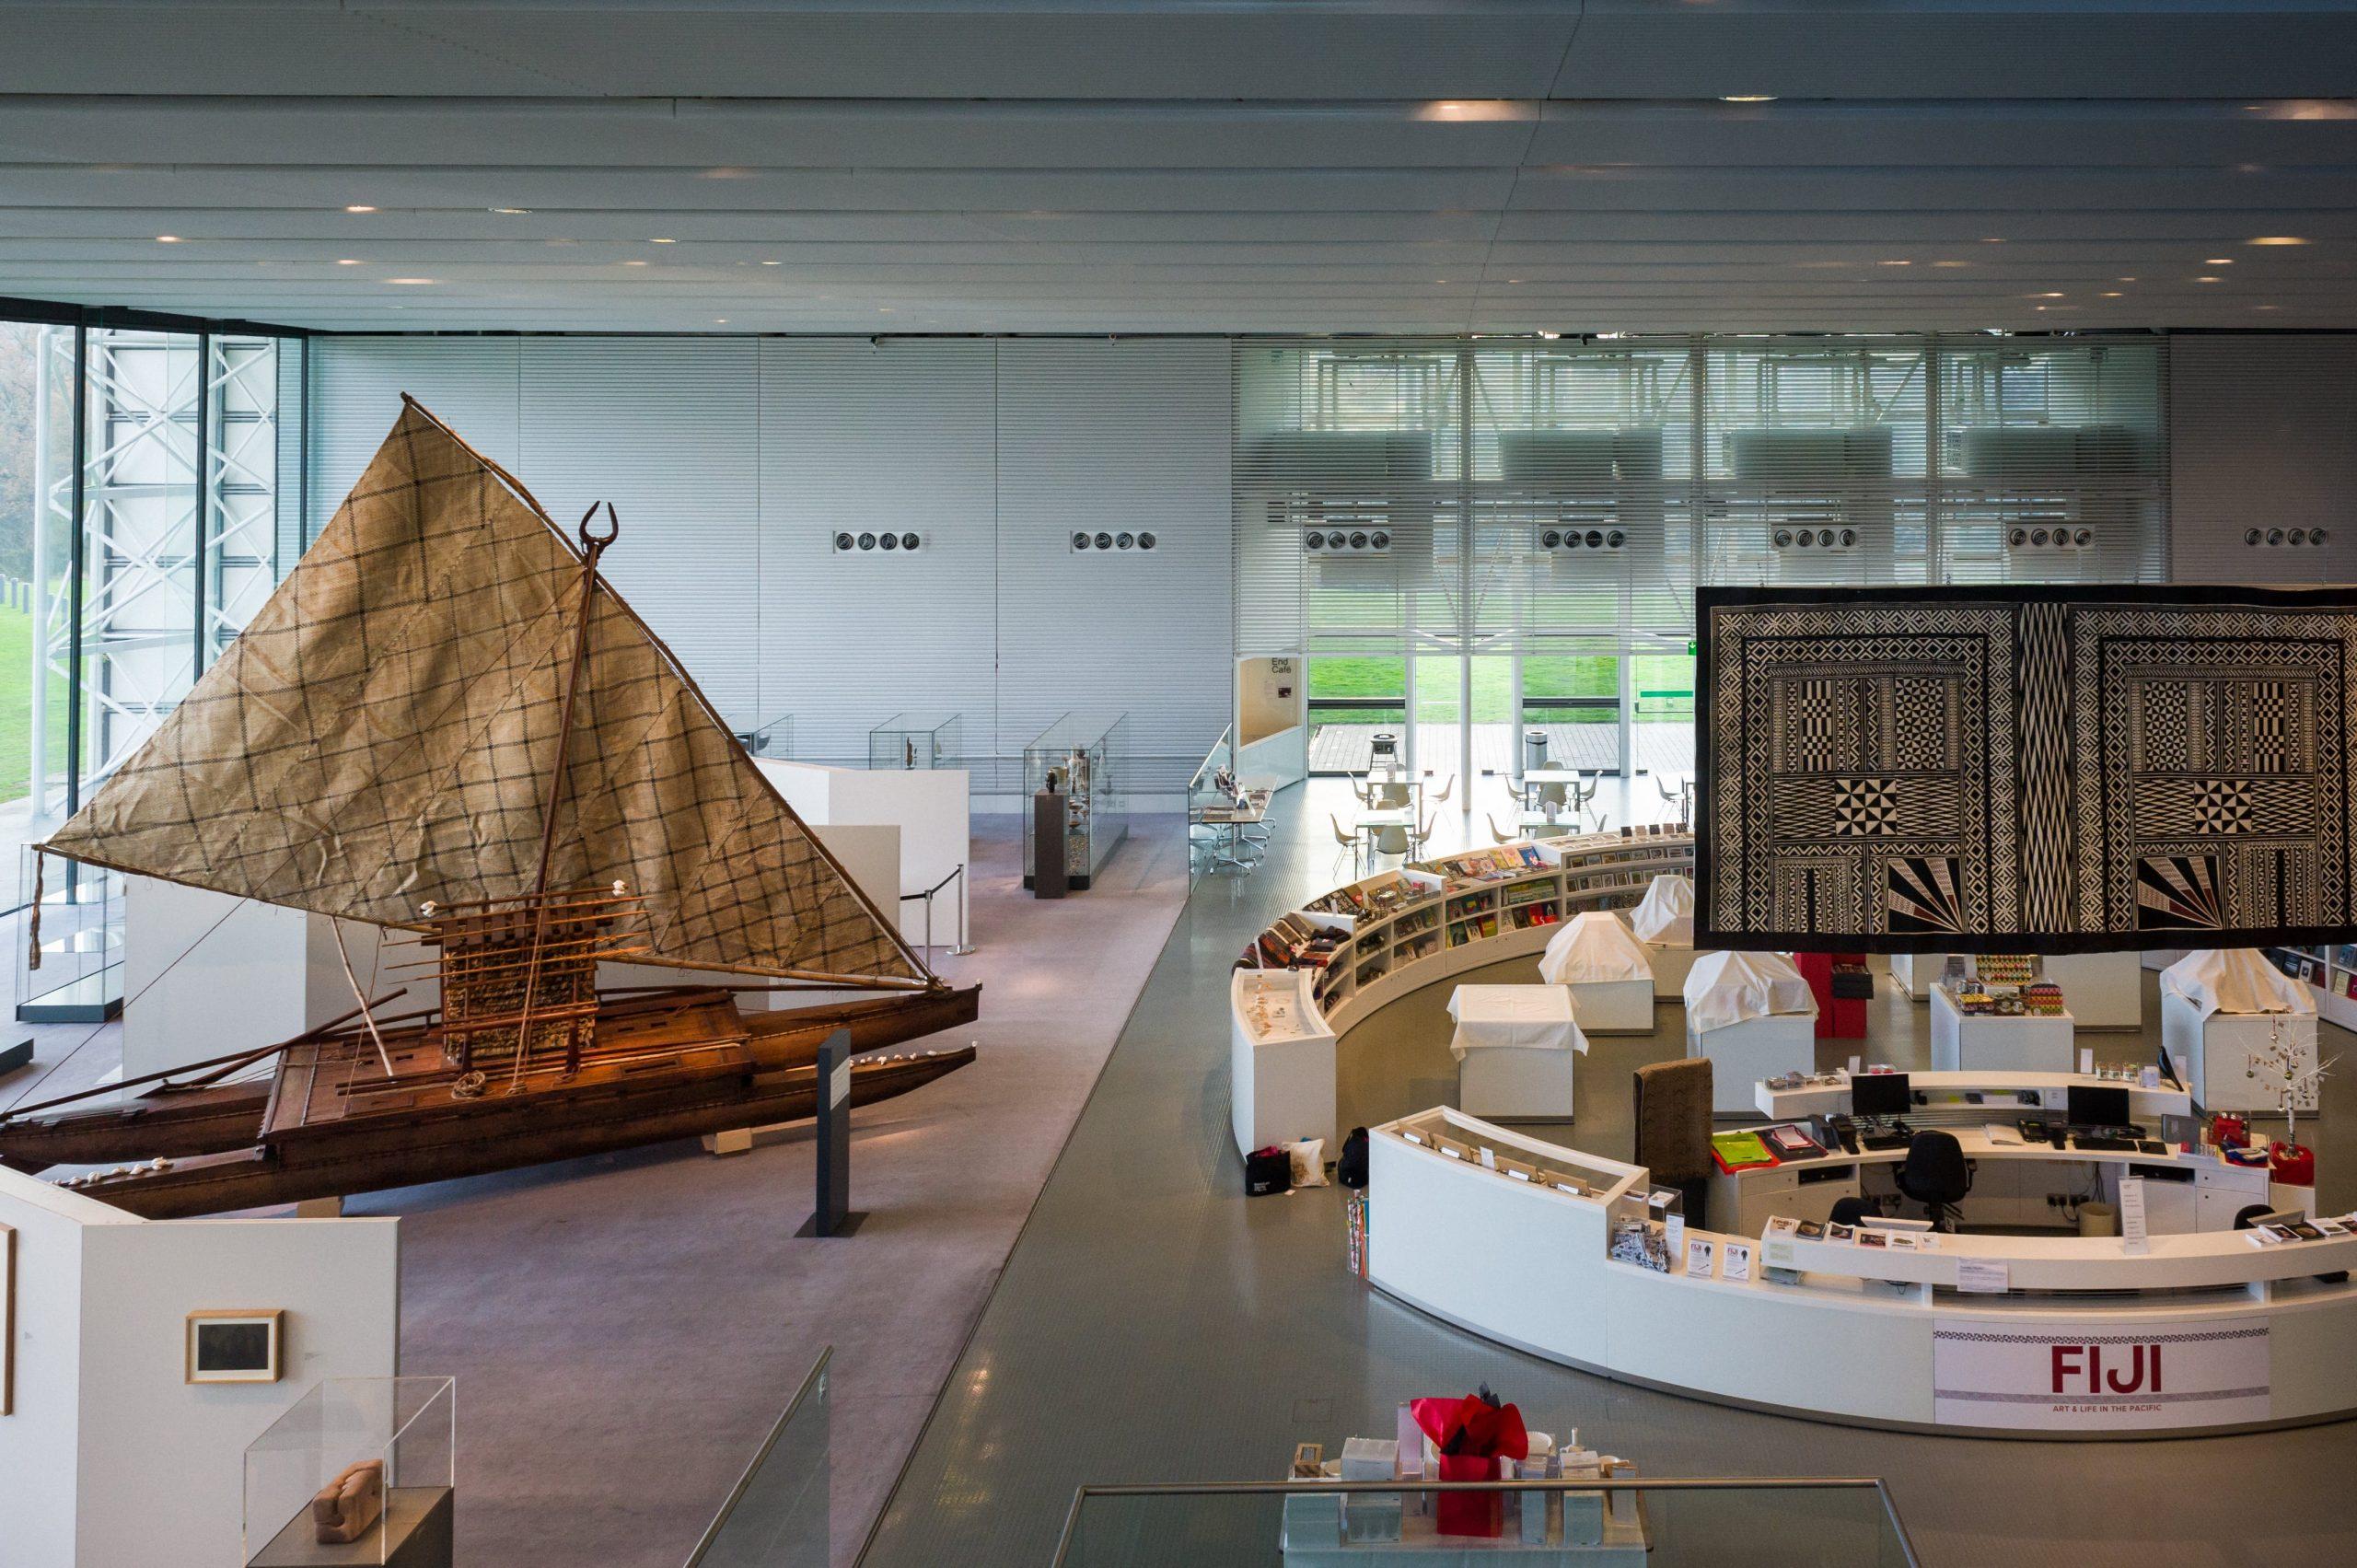 Fiji Canoe in the Centre